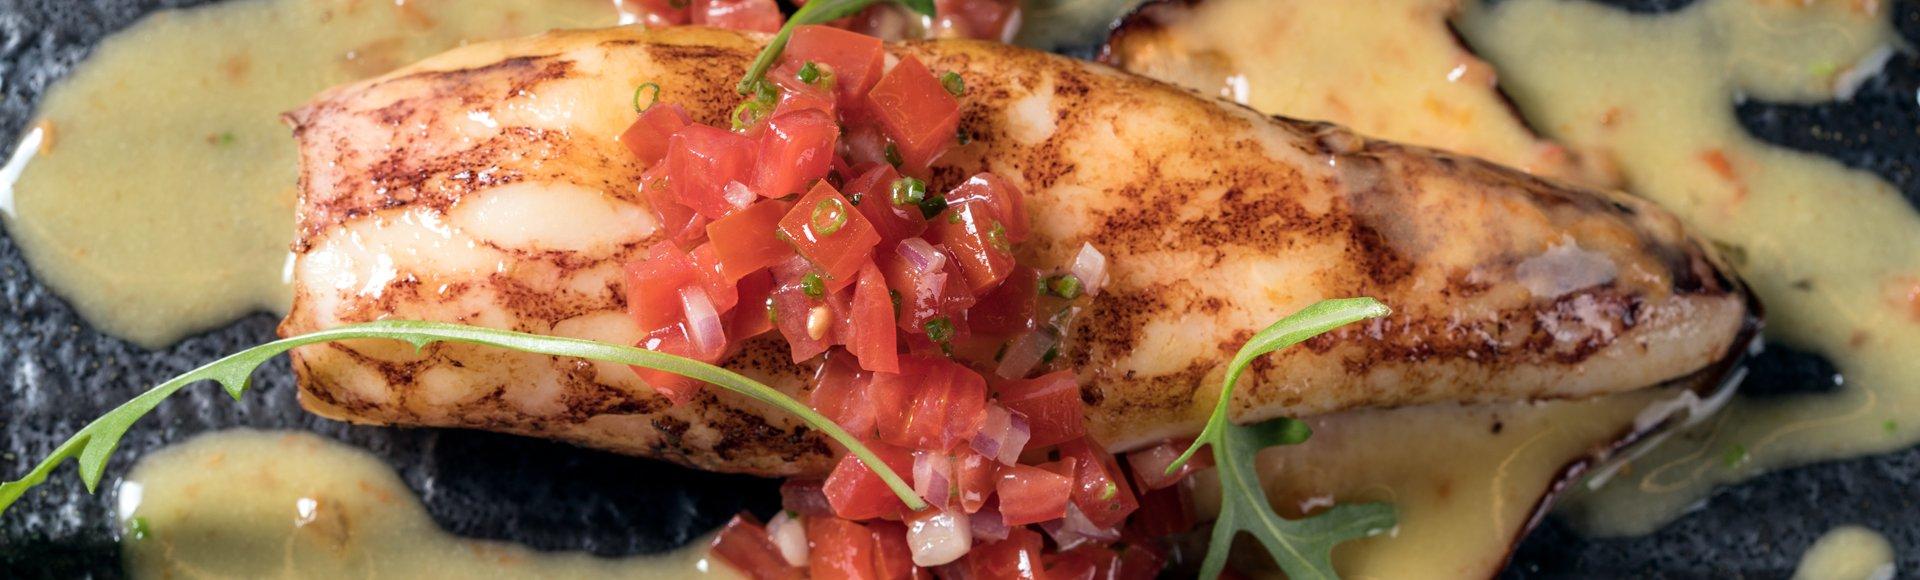 Καλαμάρι σχάρας με λαδολέμονο και ντομάτα